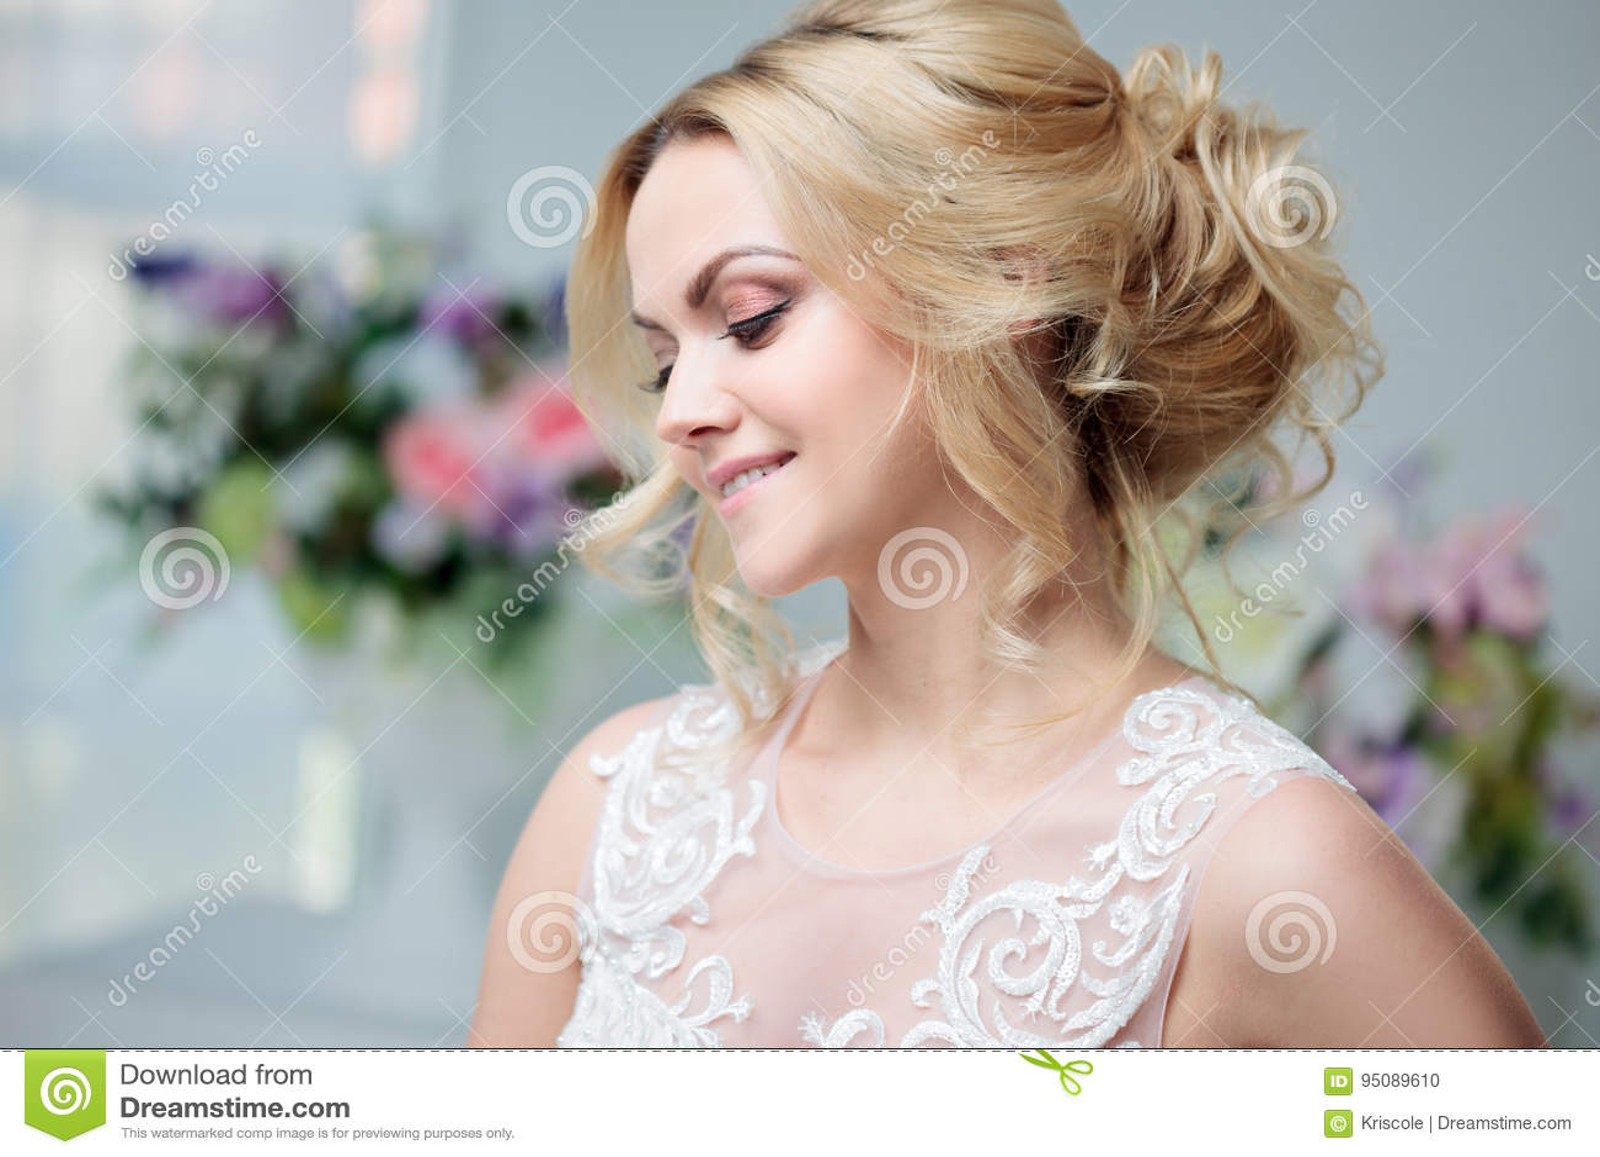 Portrat Eines Schonen Madchens In Einem Hochzeitskleid Braut In